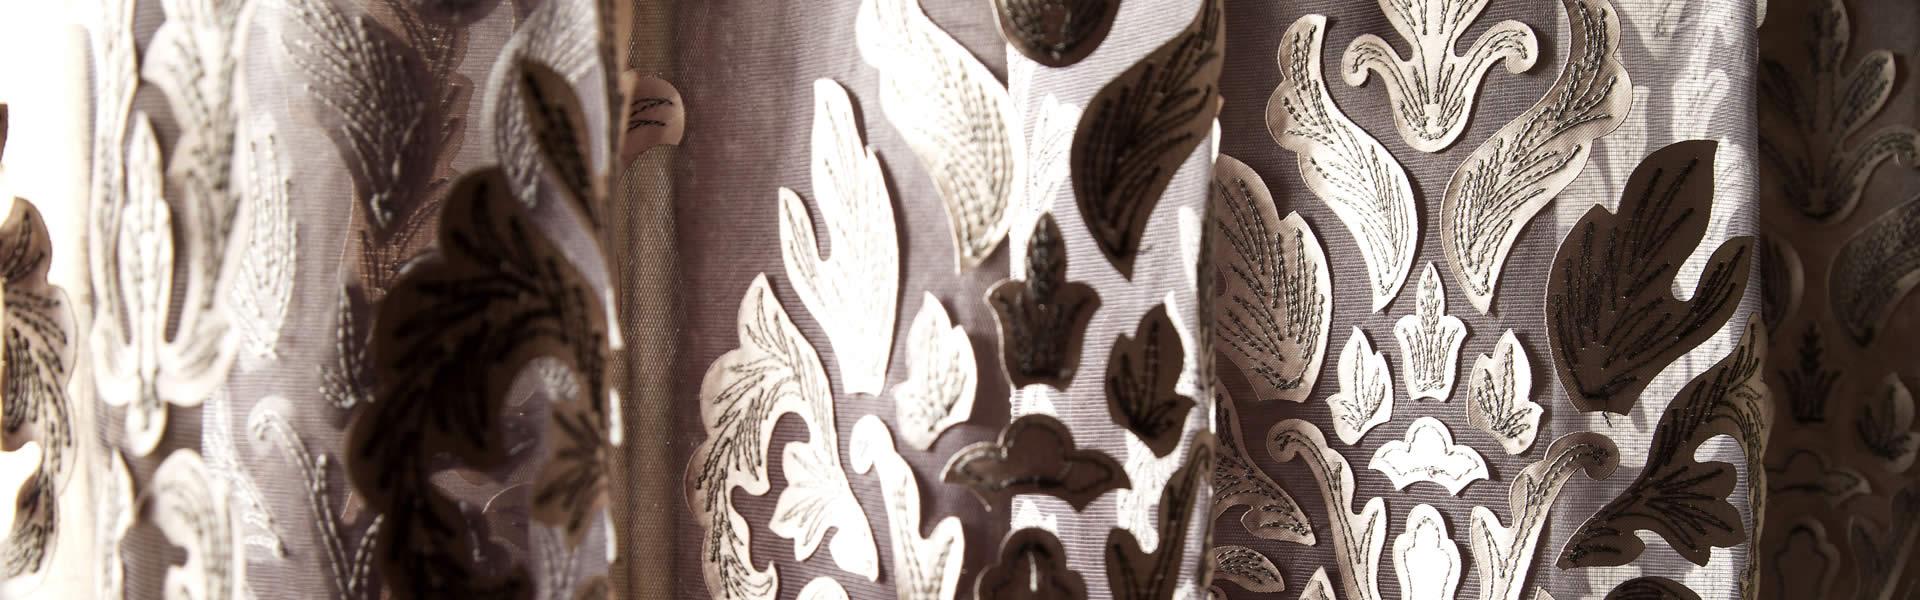 Gardinen Klinke | Schöne Gardinen und Vorhänge | Sonnenschutz